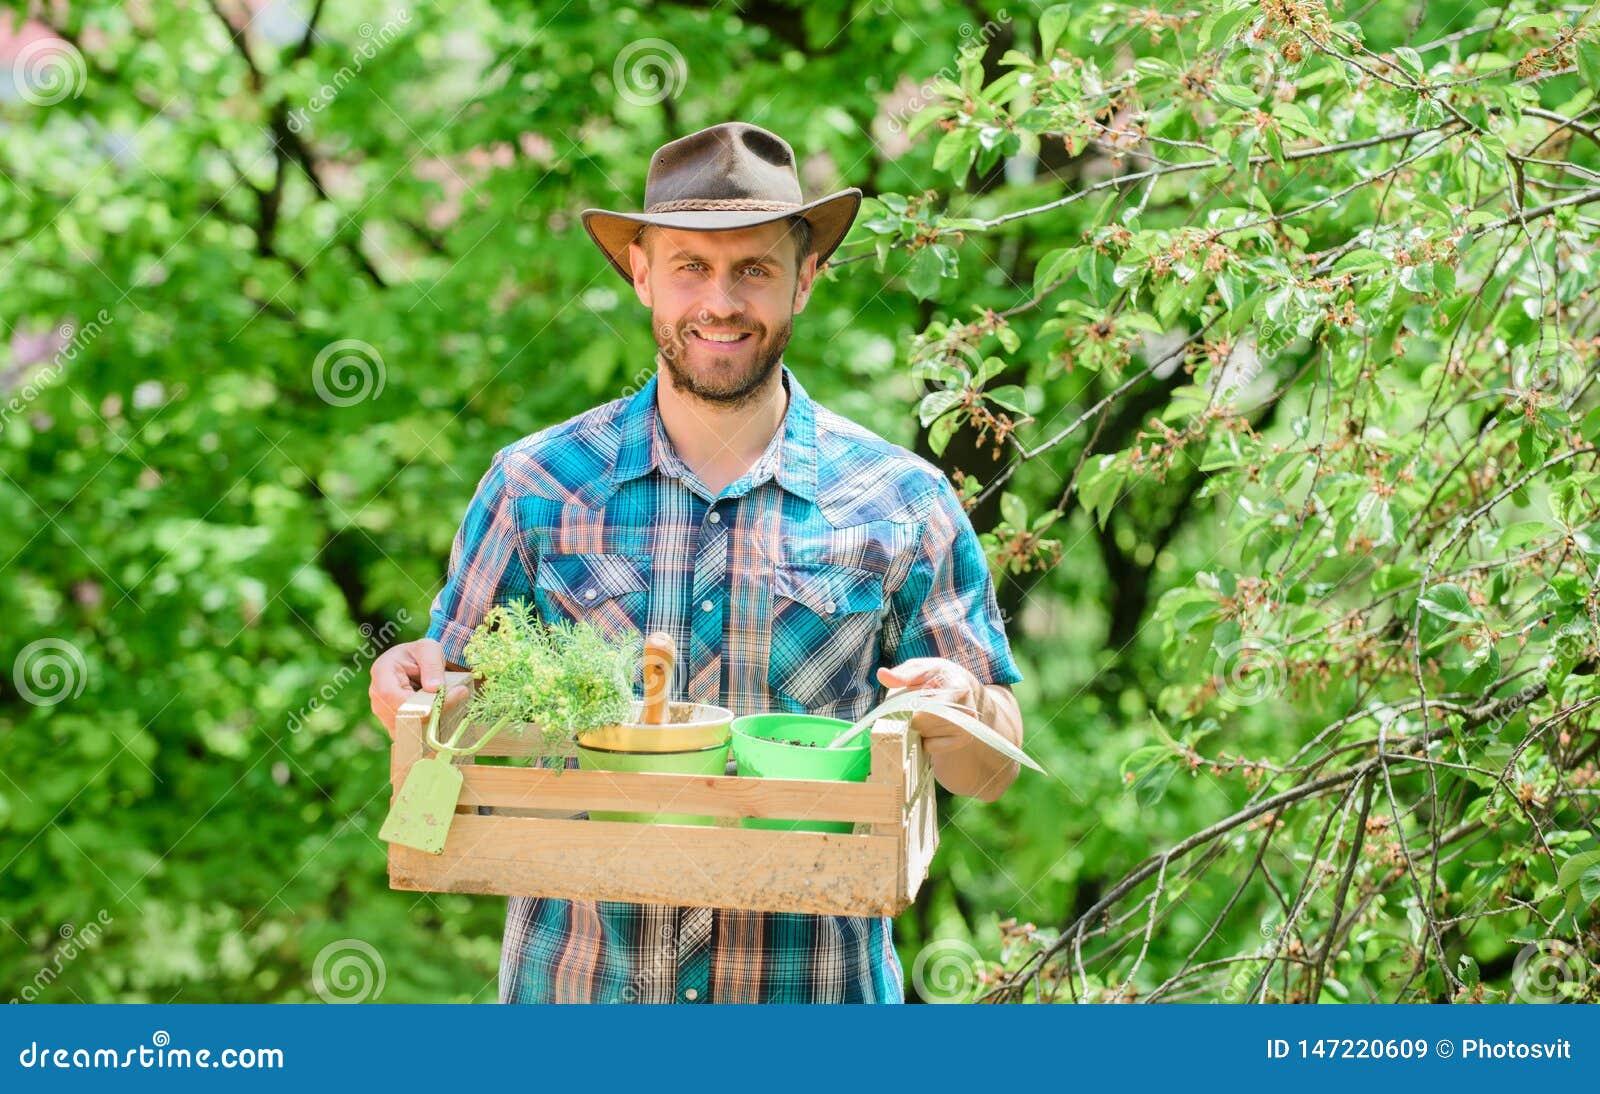 Skäggig ask för trädgårdsmästaregrabbhåll med blomkrukan och hackan som arbeta i trädgården hjälpmedlet Arbeta i trädgården rådgi